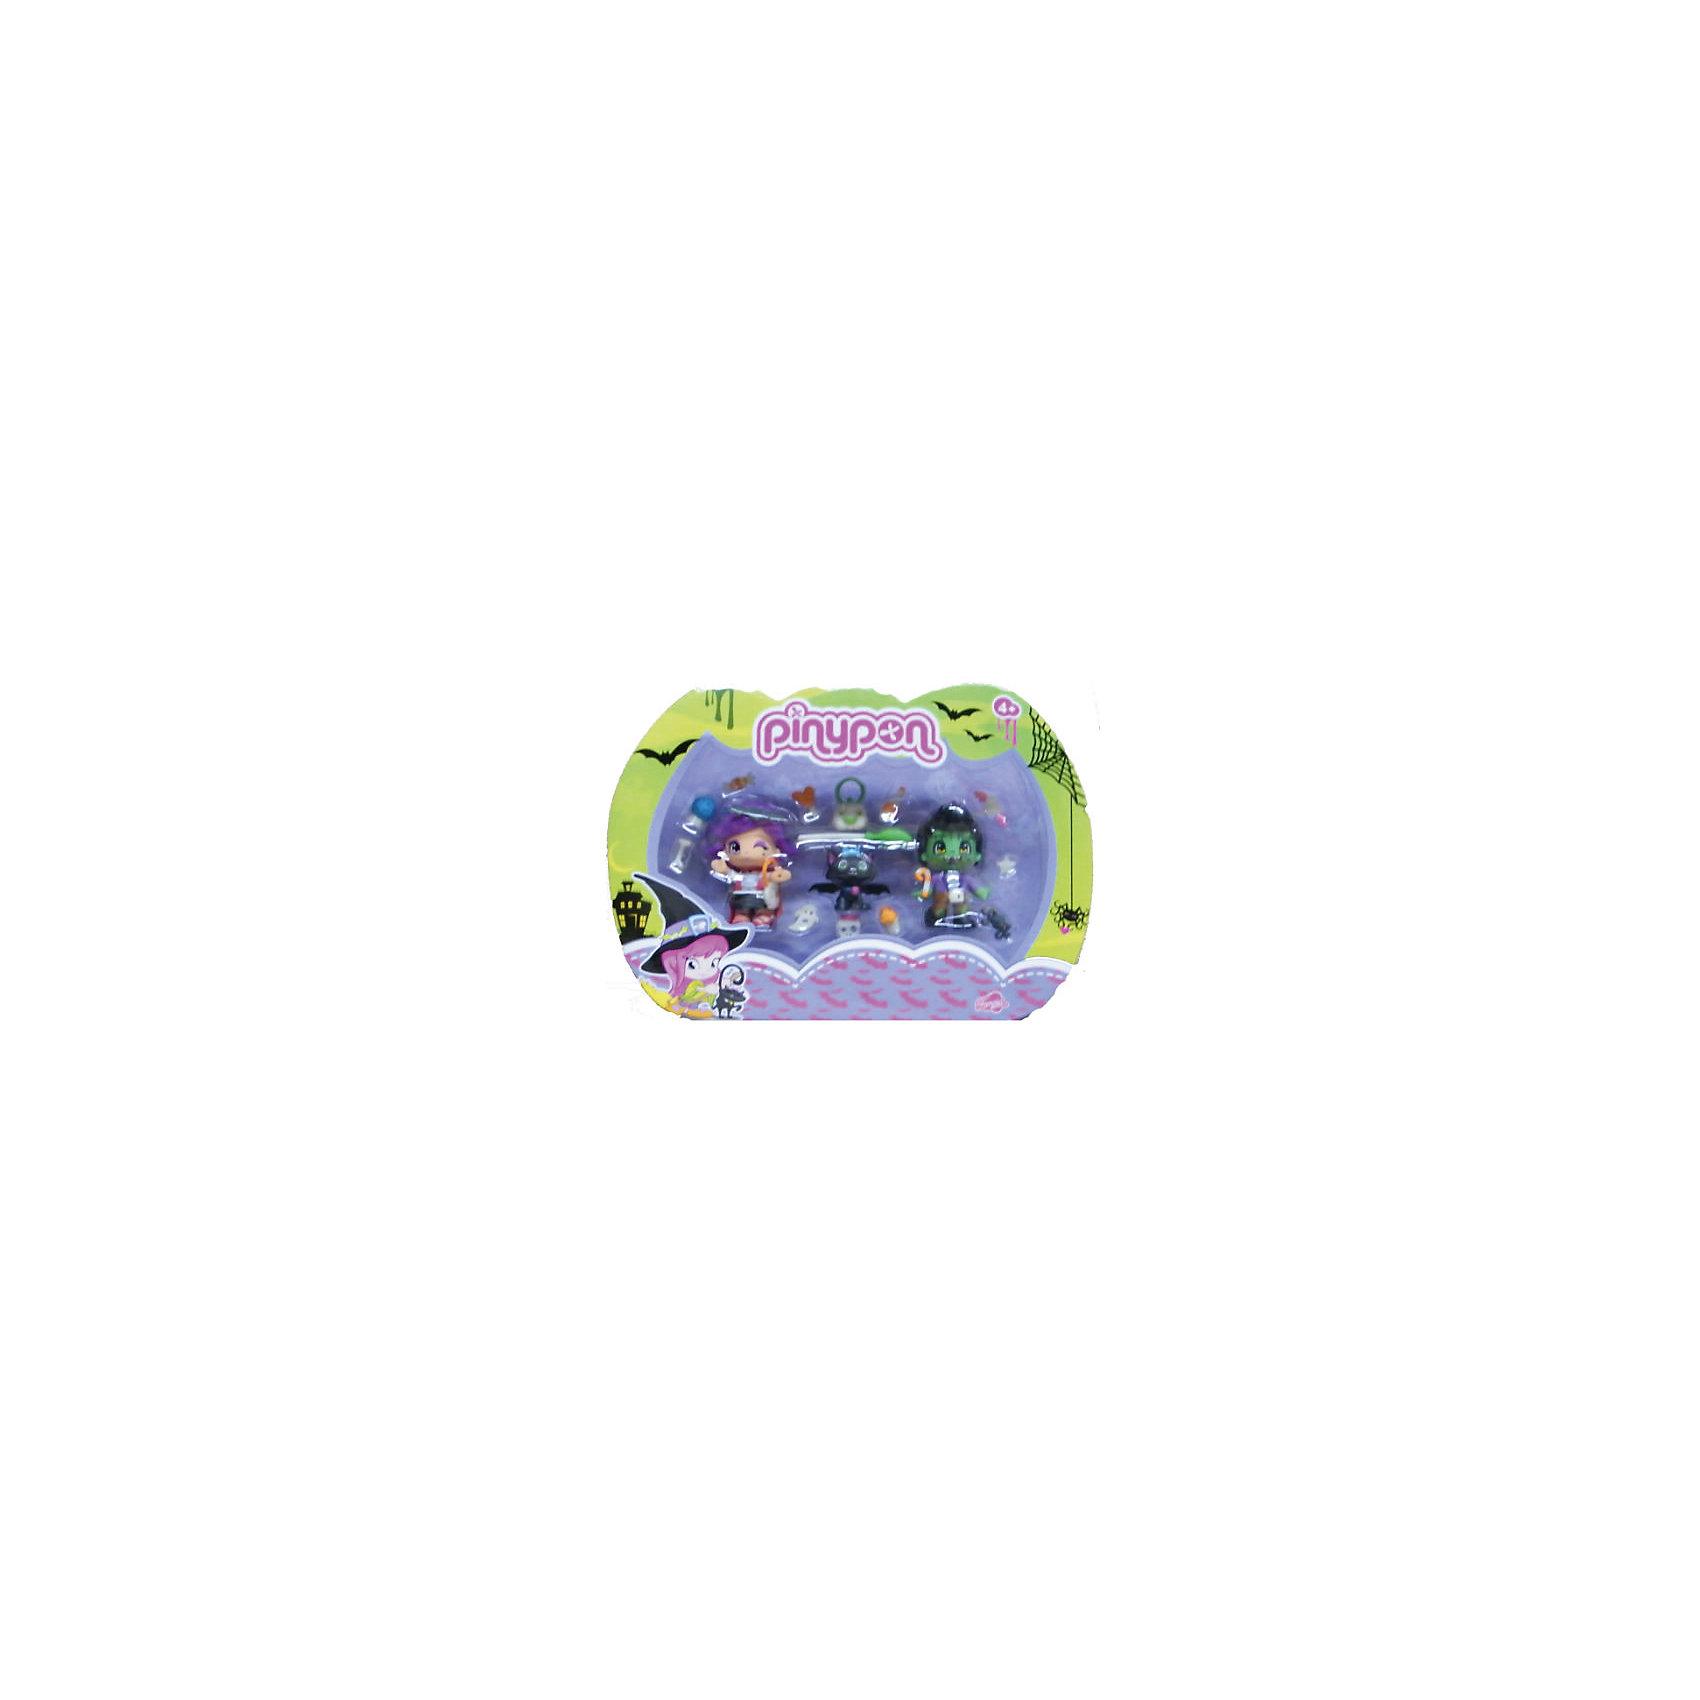 Игровой набор Пинипон, серия Monster, Famosa